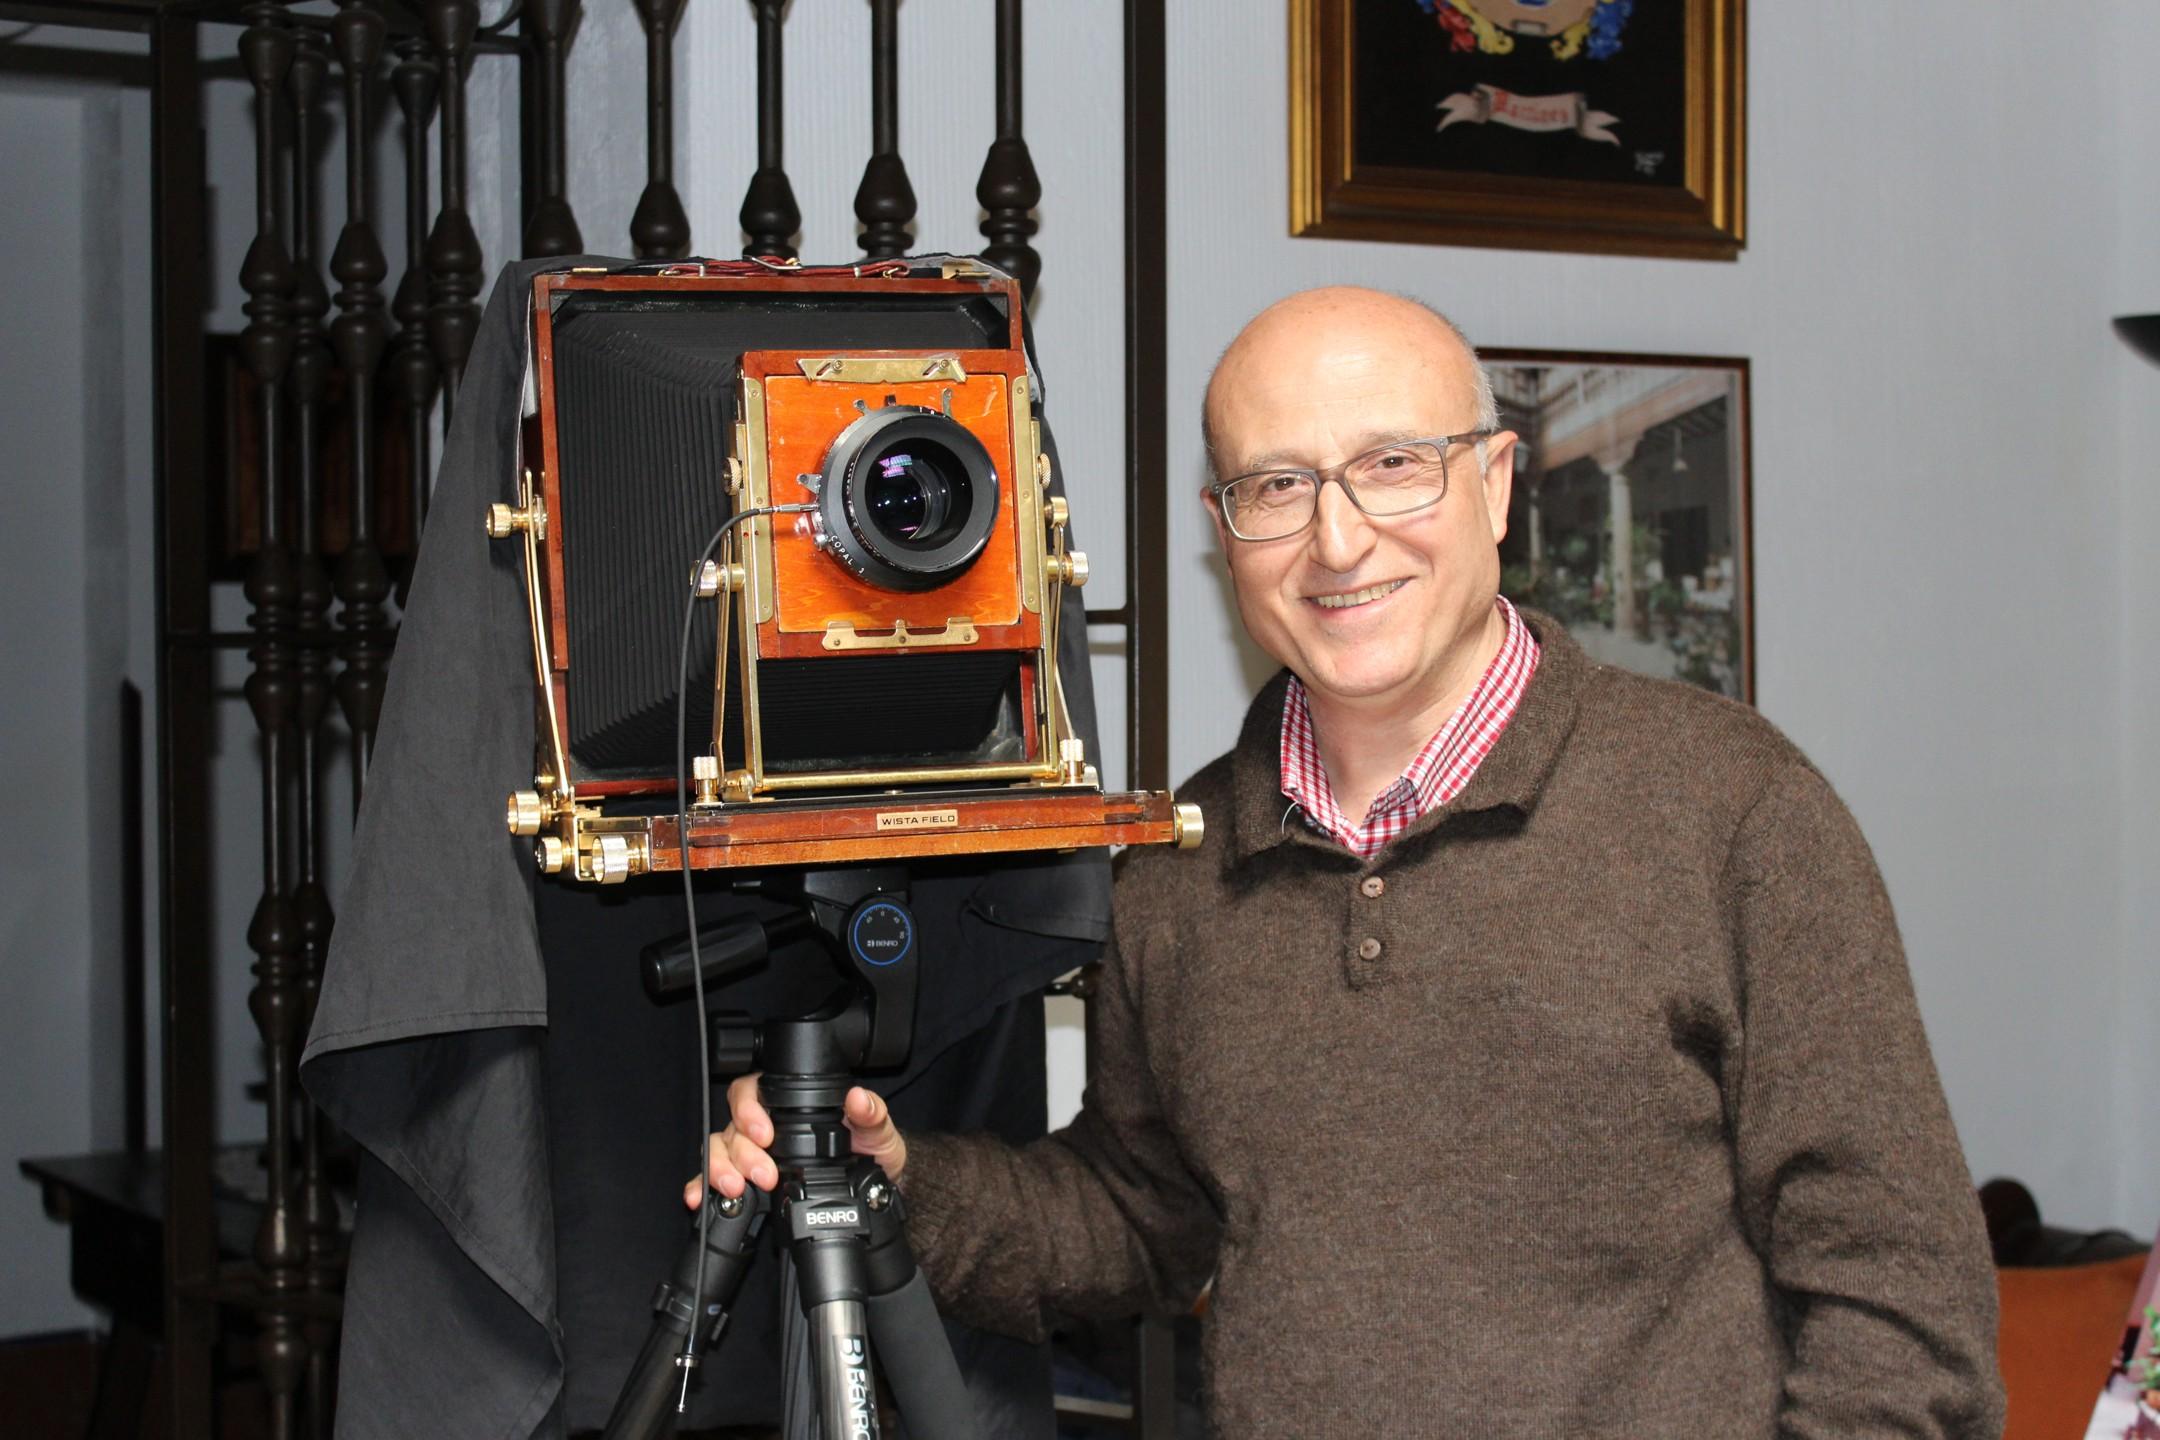 El Premio Nacional de Fotografía 2015 escoge Villanueva de los Infantes para fotografiar 'El Alma de Cervantes'